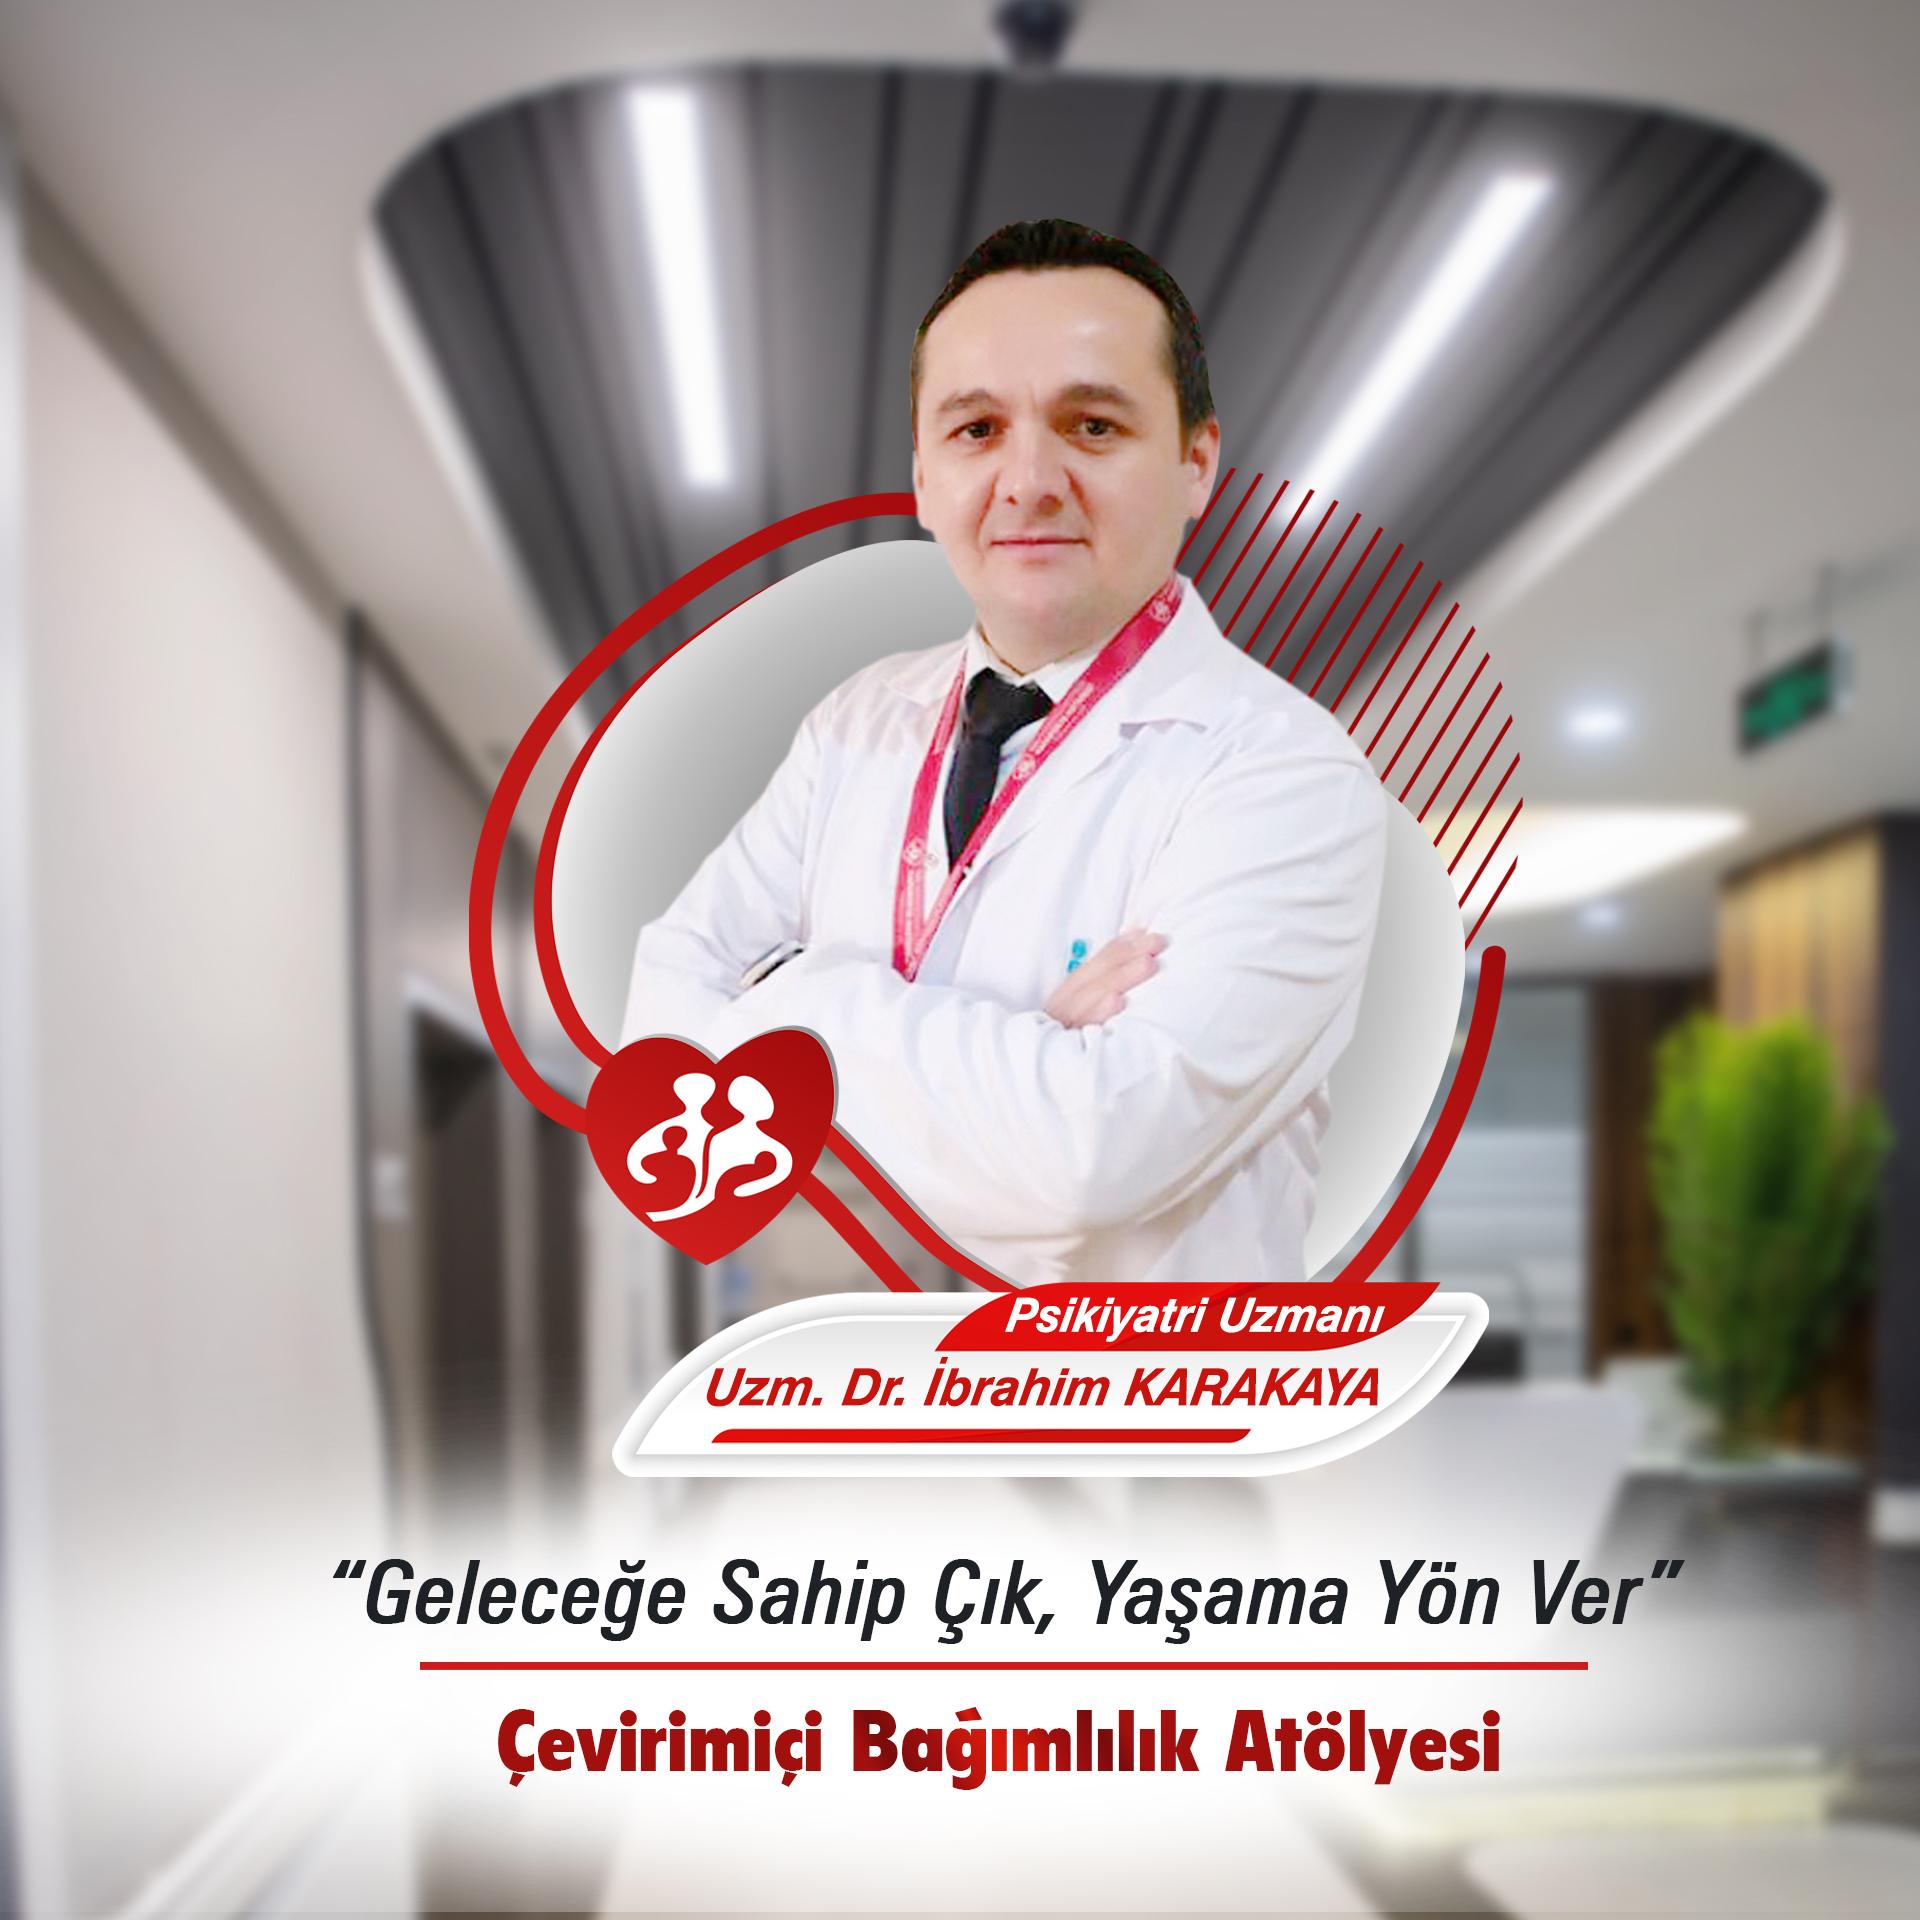 """Uzman Dr İbrahim KARAKAYA """"Geleceğe Sahip Çık, Yaşama Yön Ver """" Projesinde  Eğitimci Olarak Yer Aldı"""